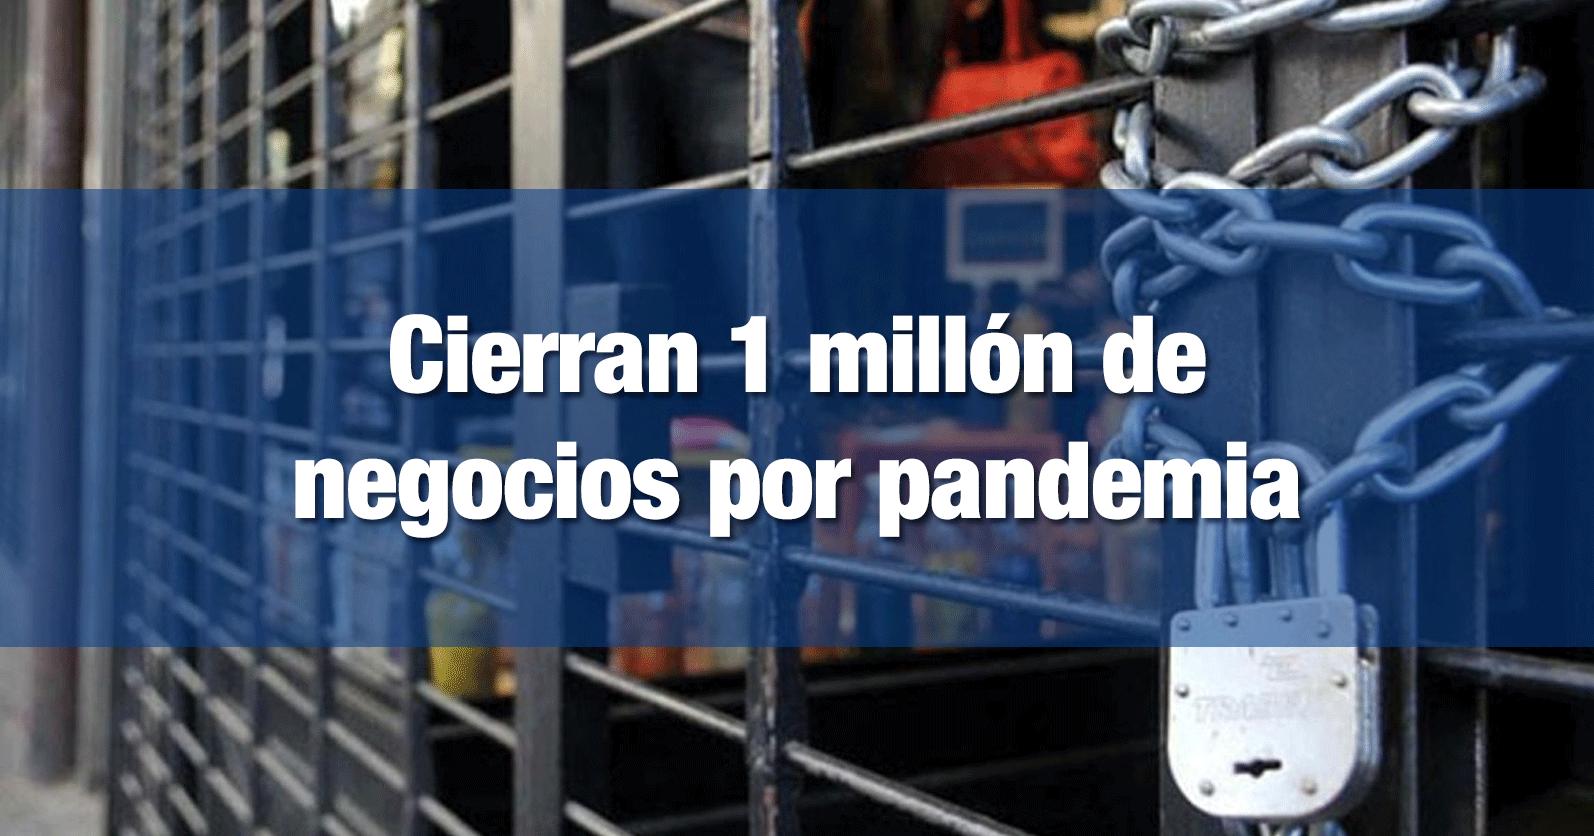 Cierran 1 millón de negocios por pandemia